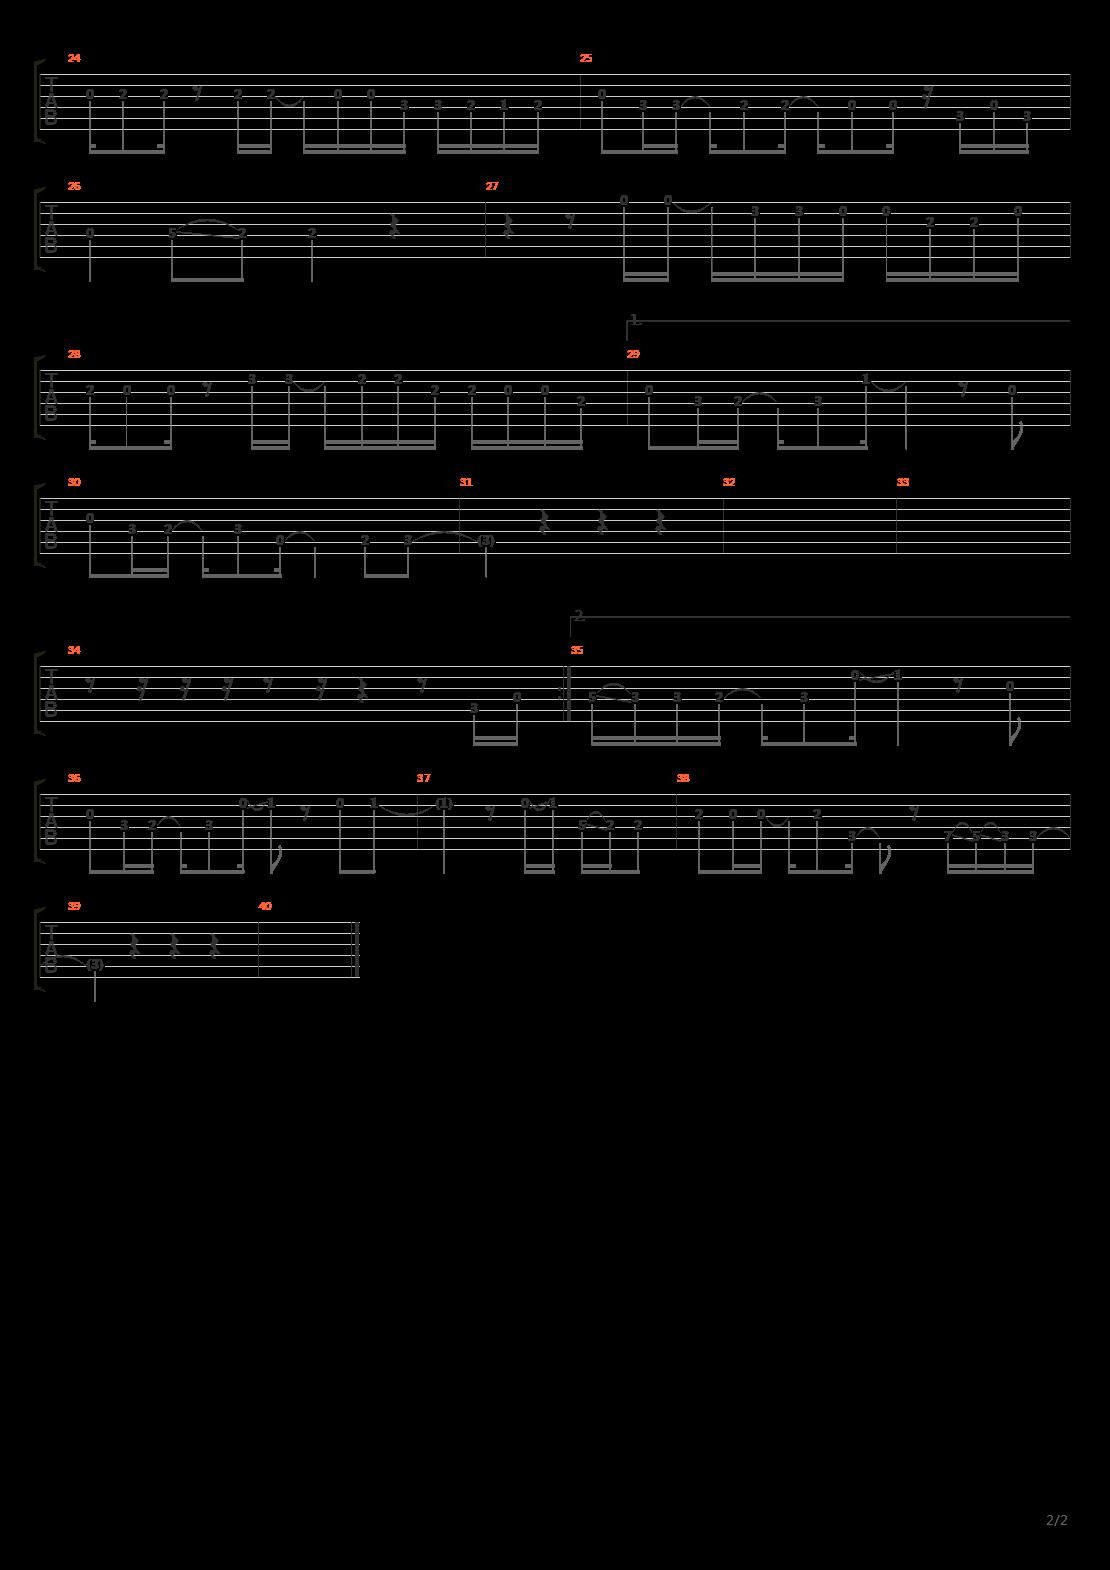 喜帖街 囍帖街(弹唱谱)内有改编乐队版音频吉他谱